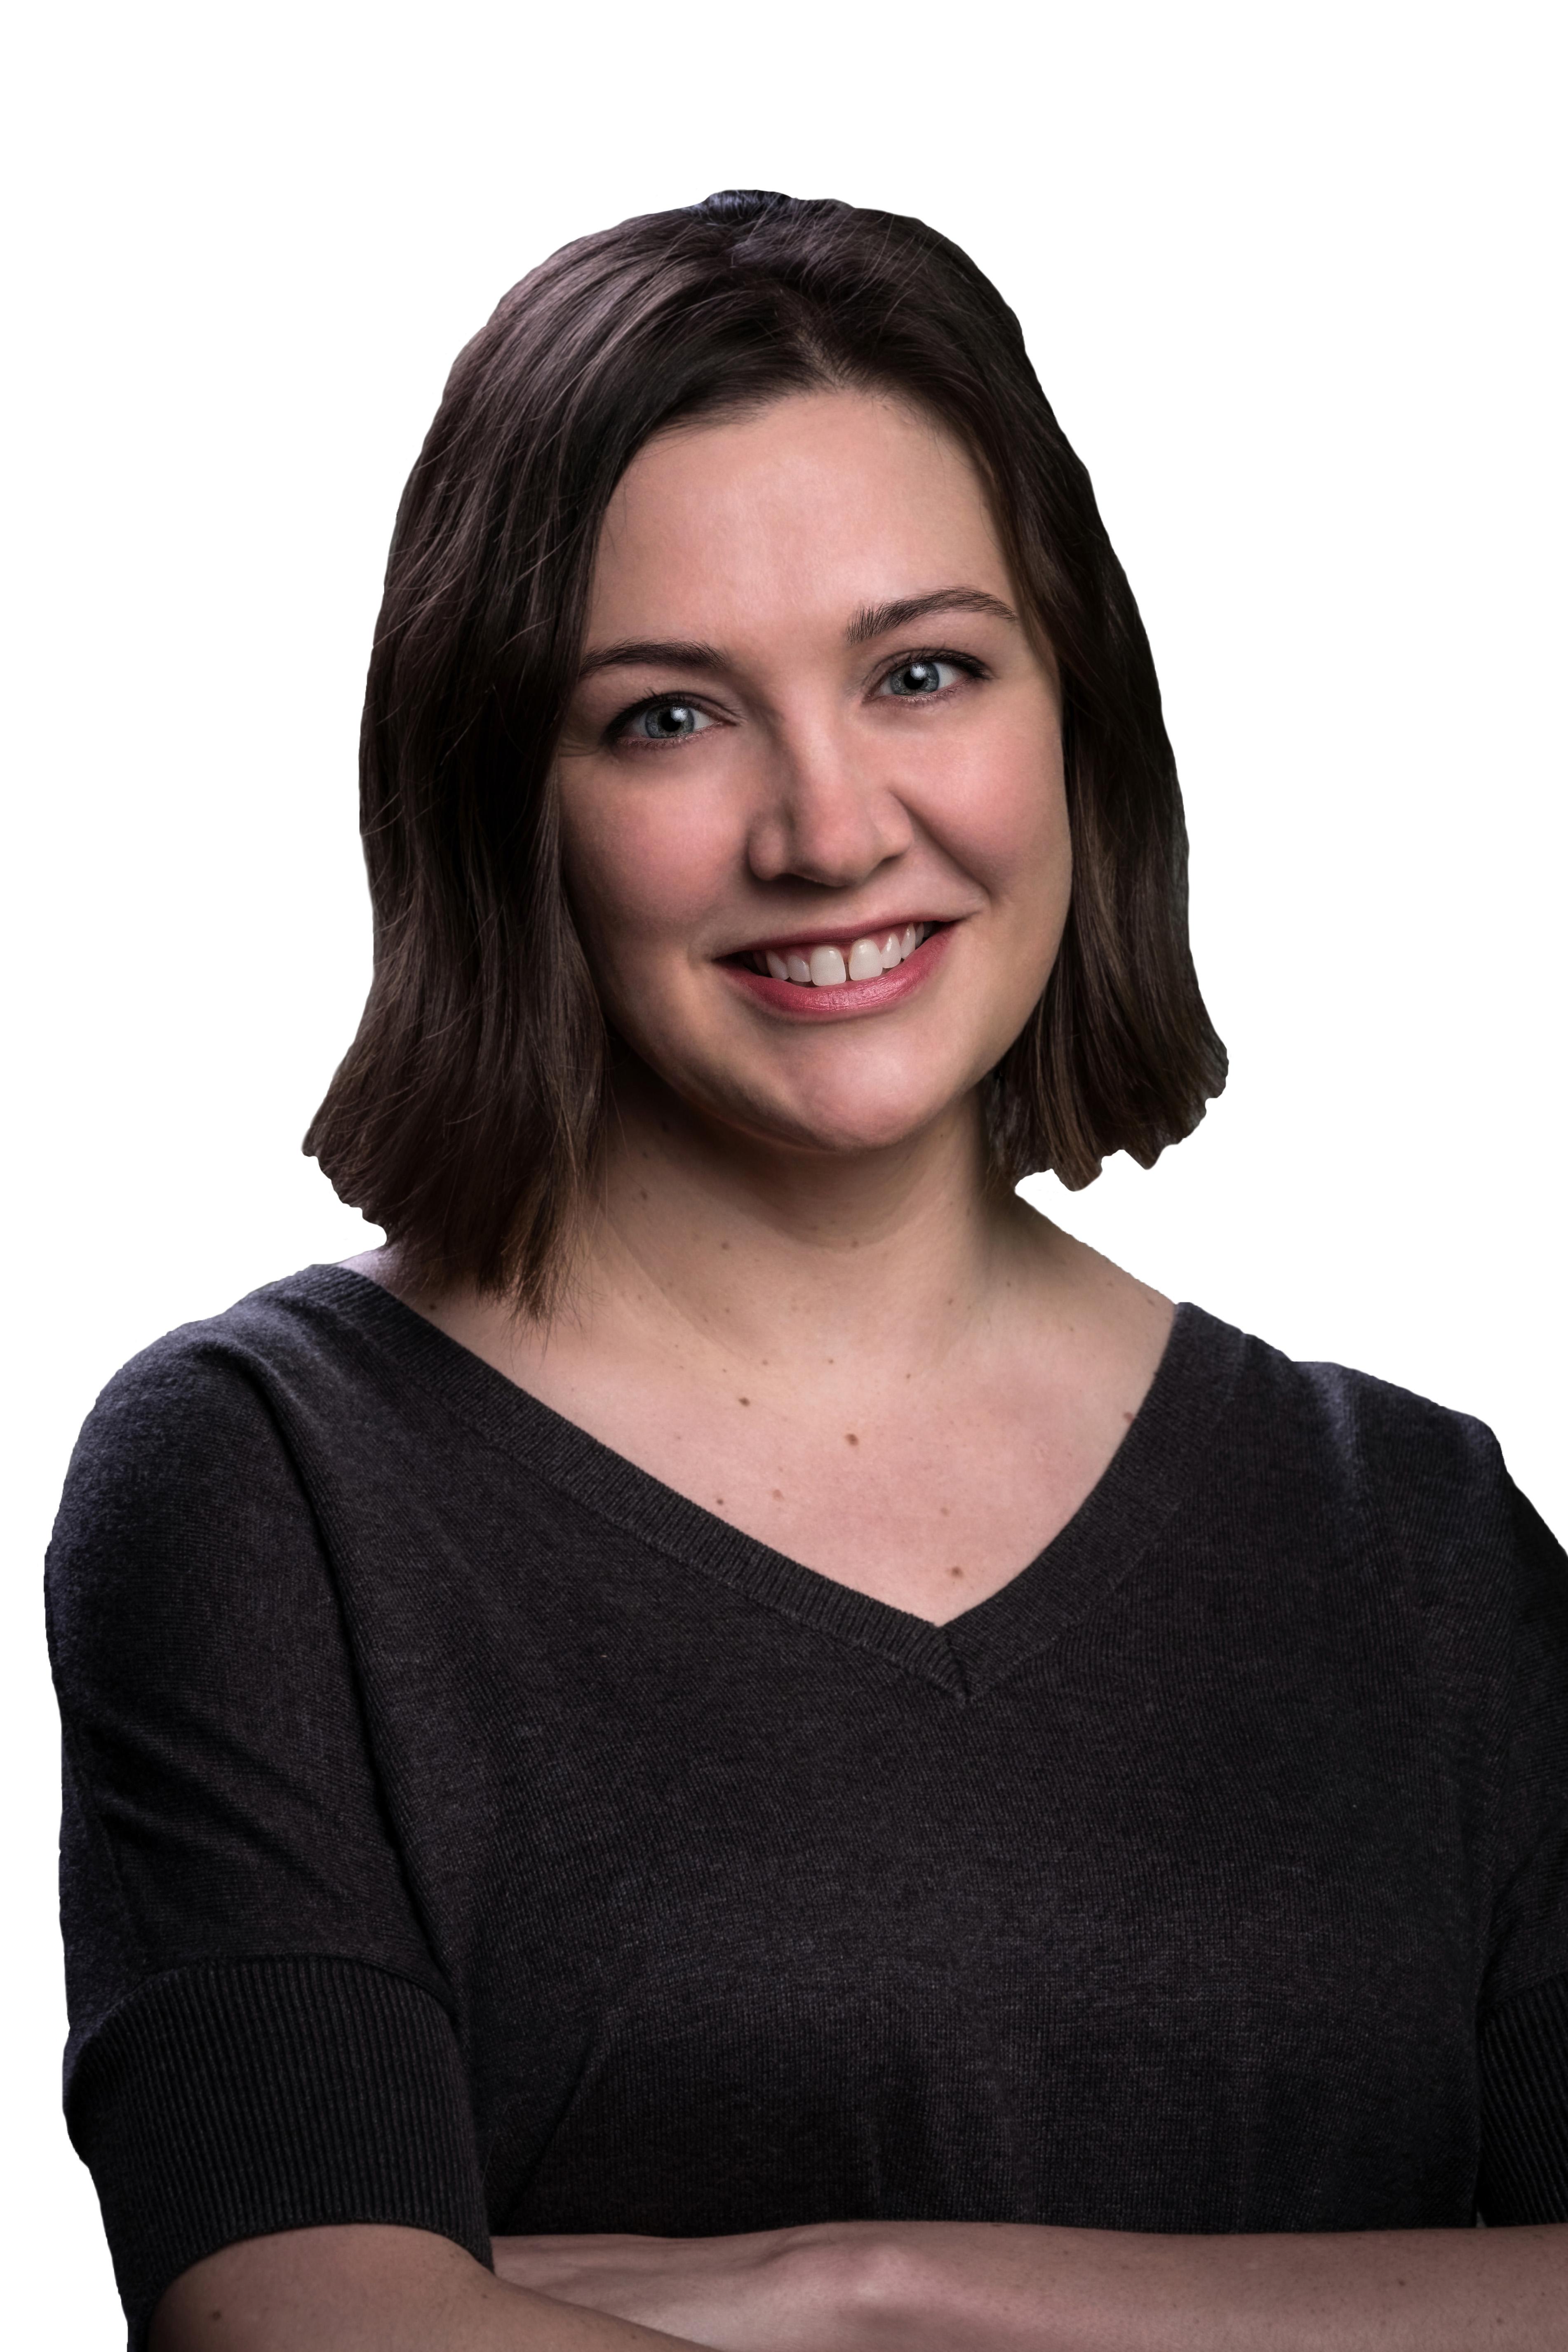 Erin Whetsel